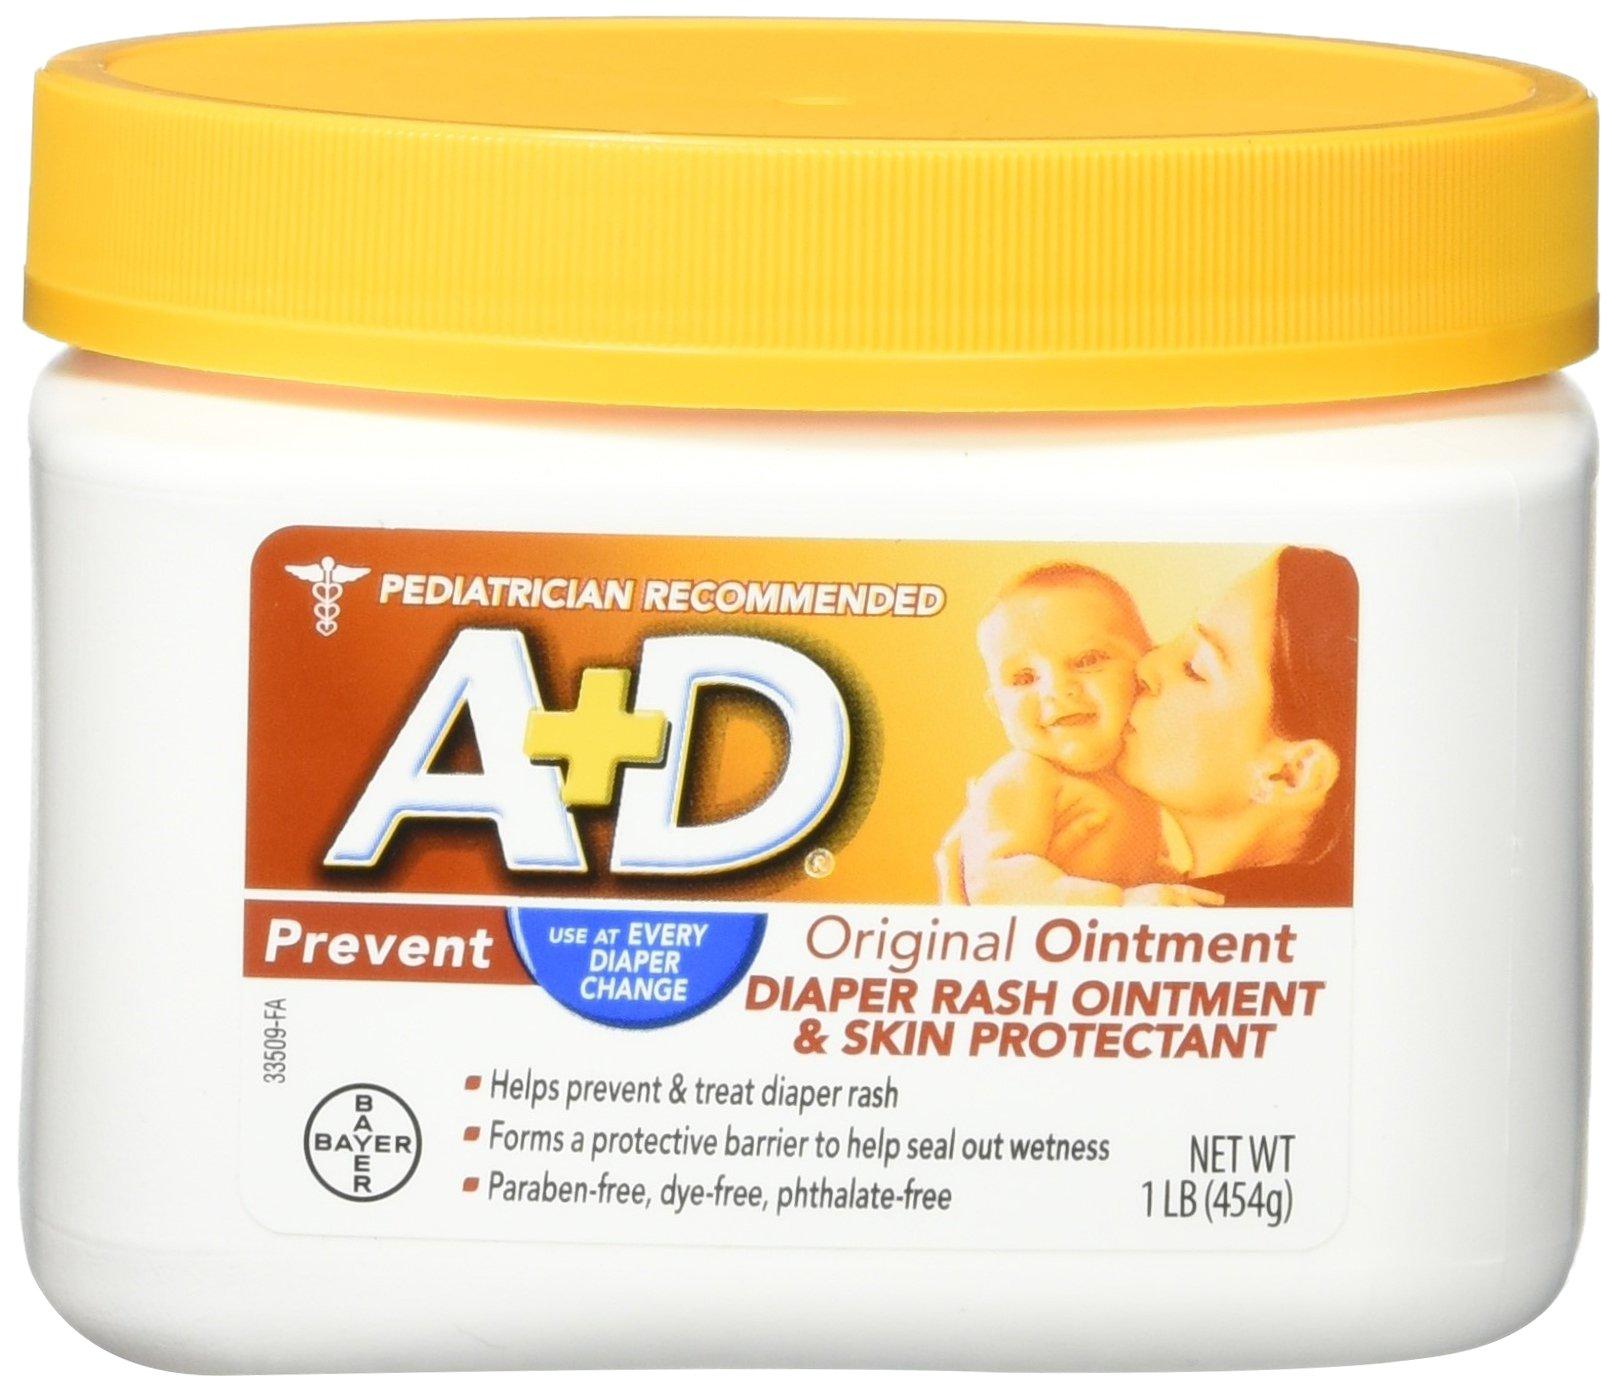 A&D Original Diaper Ointment Jar, (3 Pounds) by A&D (Image #1)